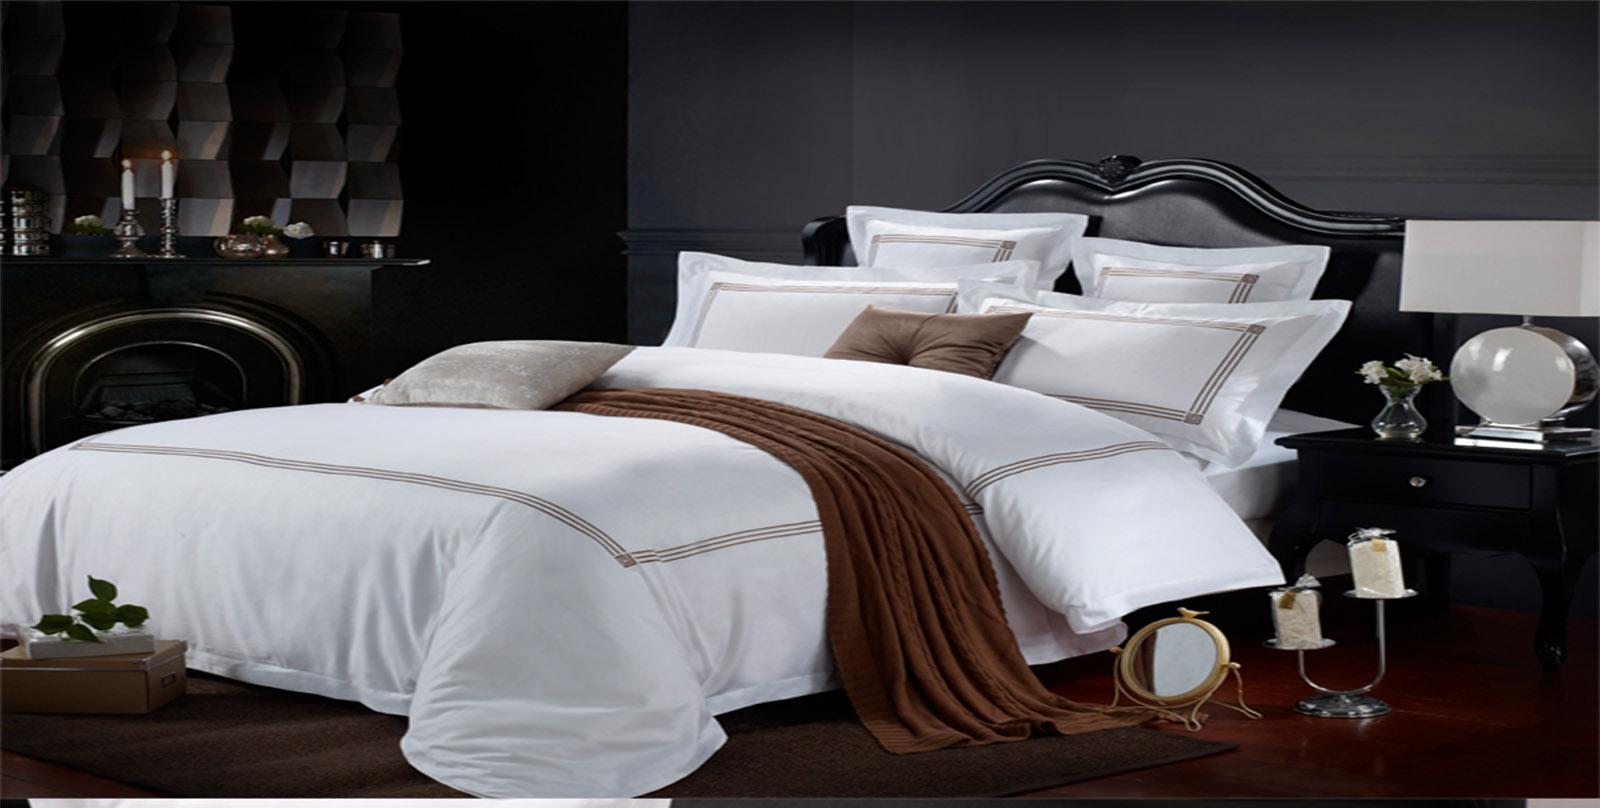 南通市新纪元宾馆用品有限公司专业从事设计,生产,销售各款式床单被套枕套产品,在设计开发、工艺、技术、产品质量等方面均达到国内先进水平,生产的床单被套枕套精美独特,并拥有自己的品牌特色,产品热销于全国。追求高品质和全方位满意度是南通新纪元永远不懈努力的目标,公司地址位于南通市钟秀东路58号慧源星城6幢,欢迎莅临指导。